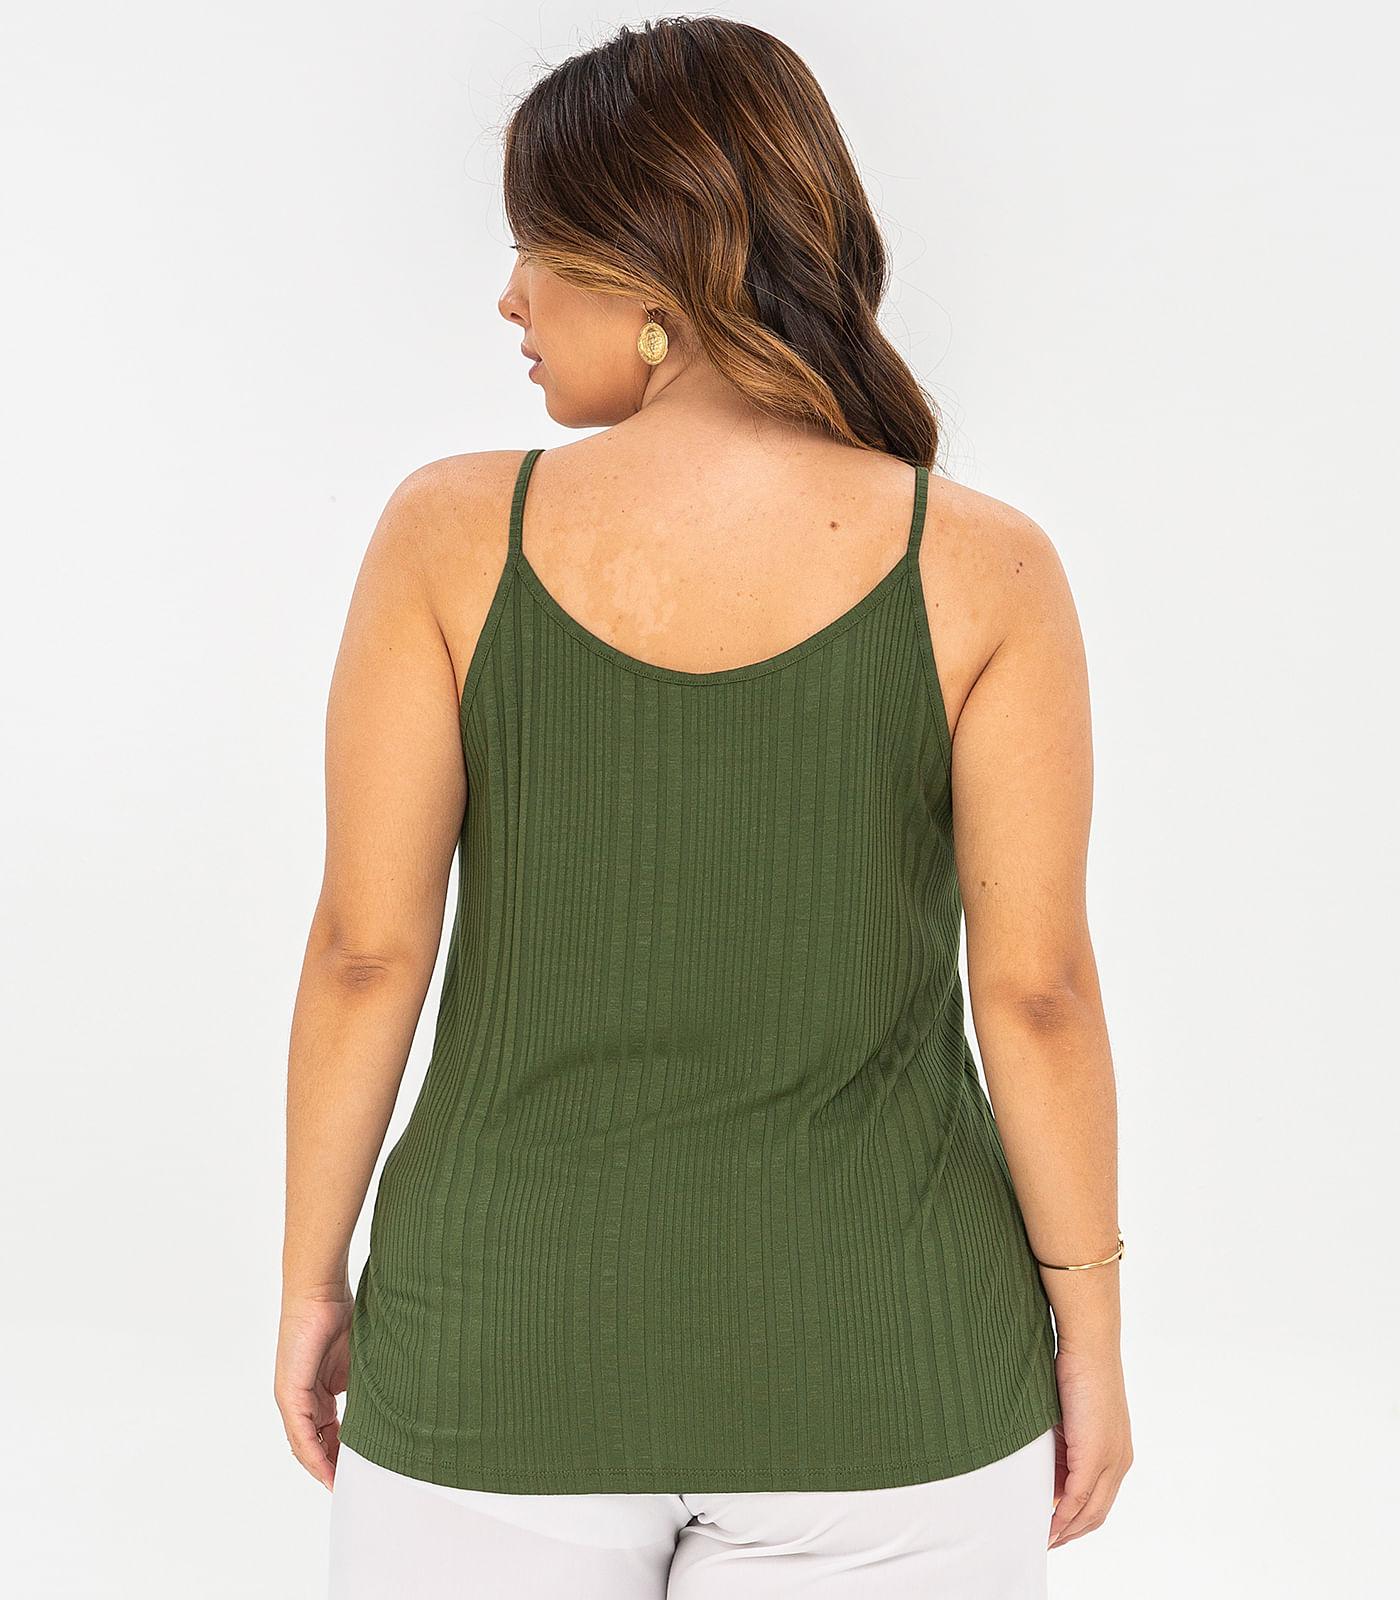 Blusa-de-Alca-Plus-Size-Canelada-Rovitex-Plus-Verde